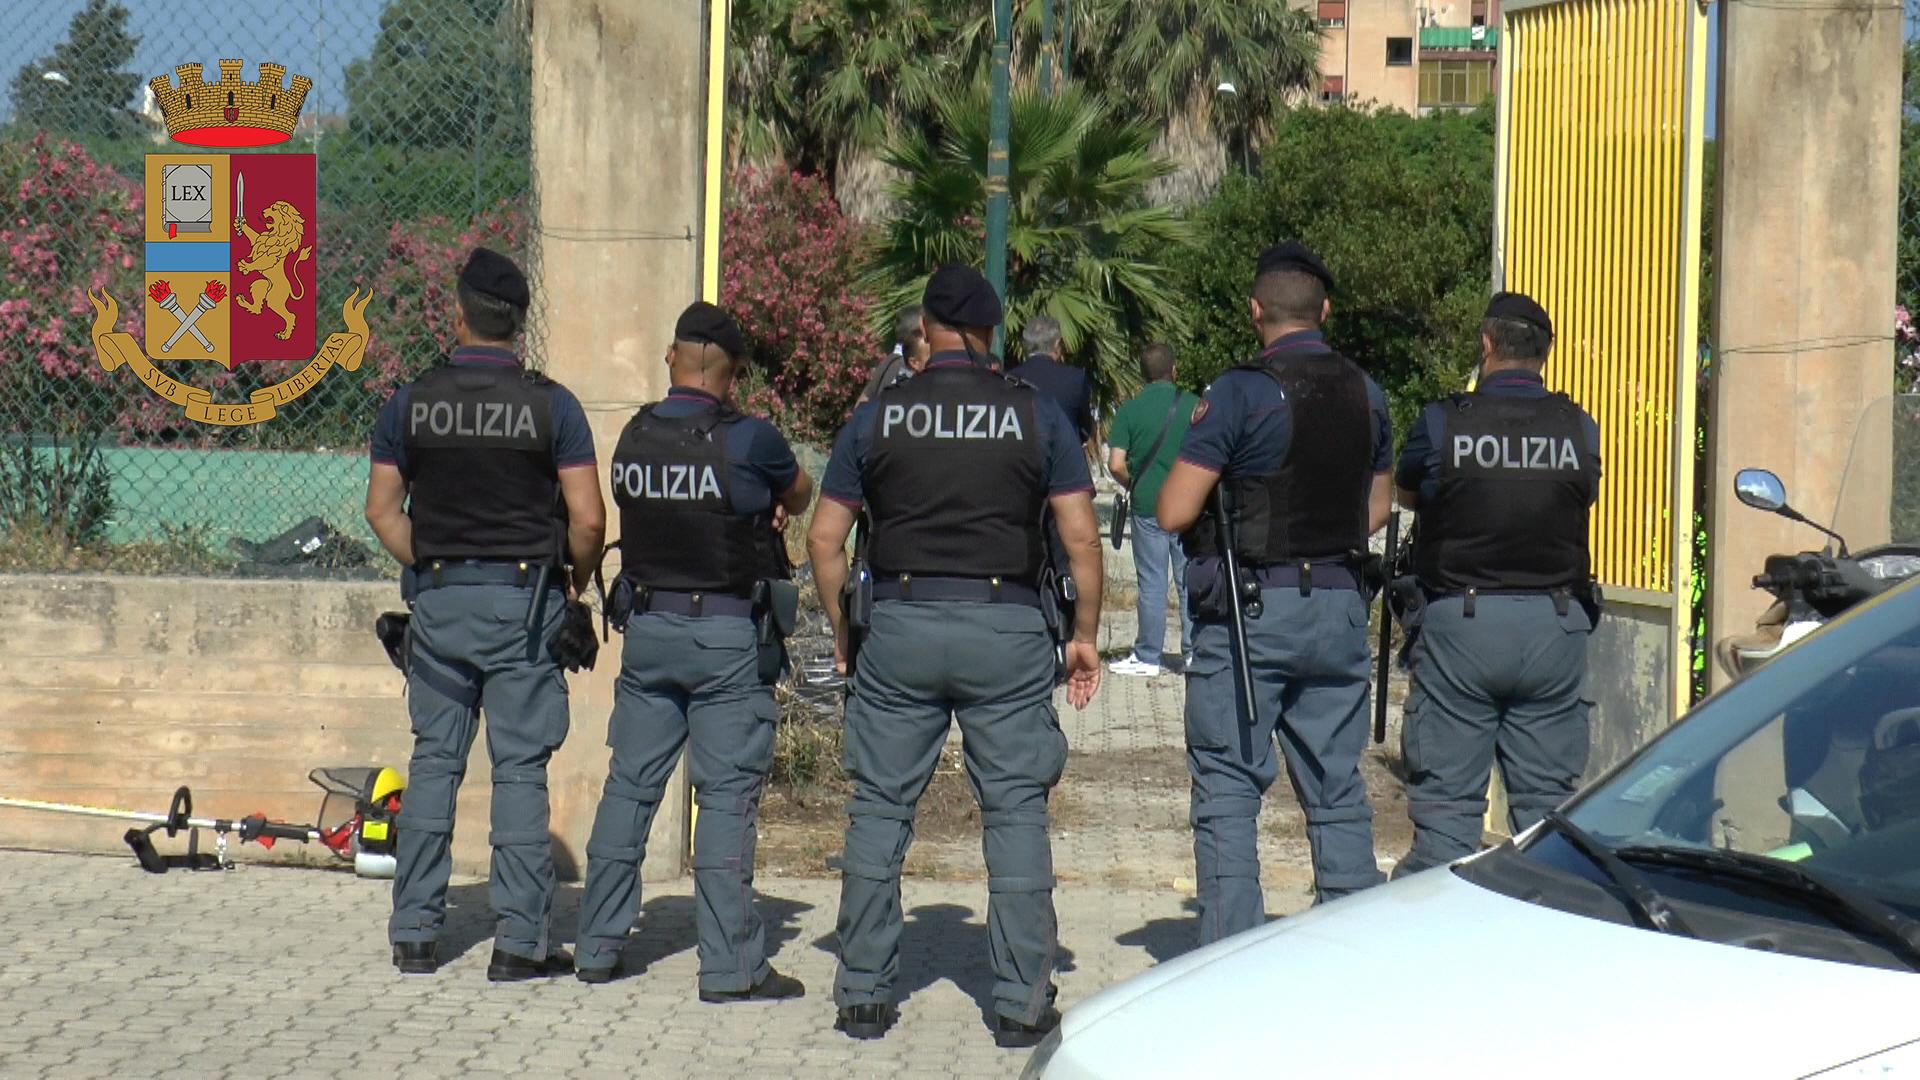 La protesta, ferie e riposi negati a poliziotti nei Centri migranti di Ragusa